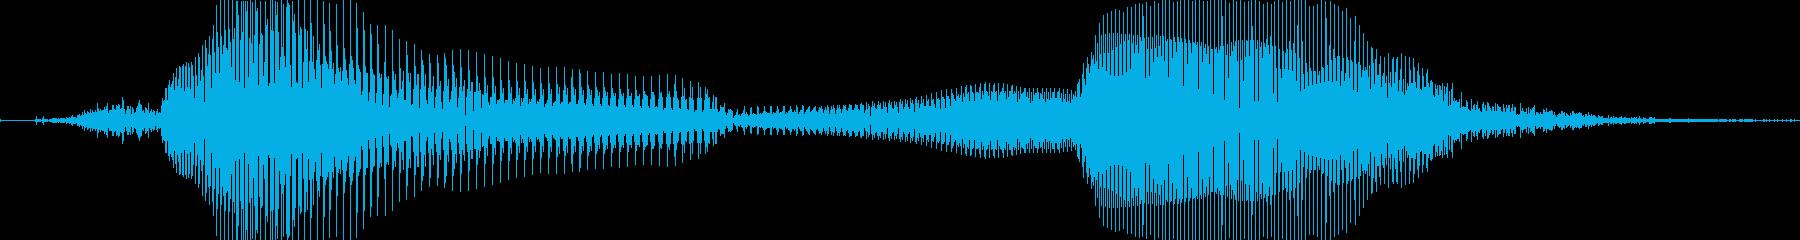 残念…の再生済みの波形